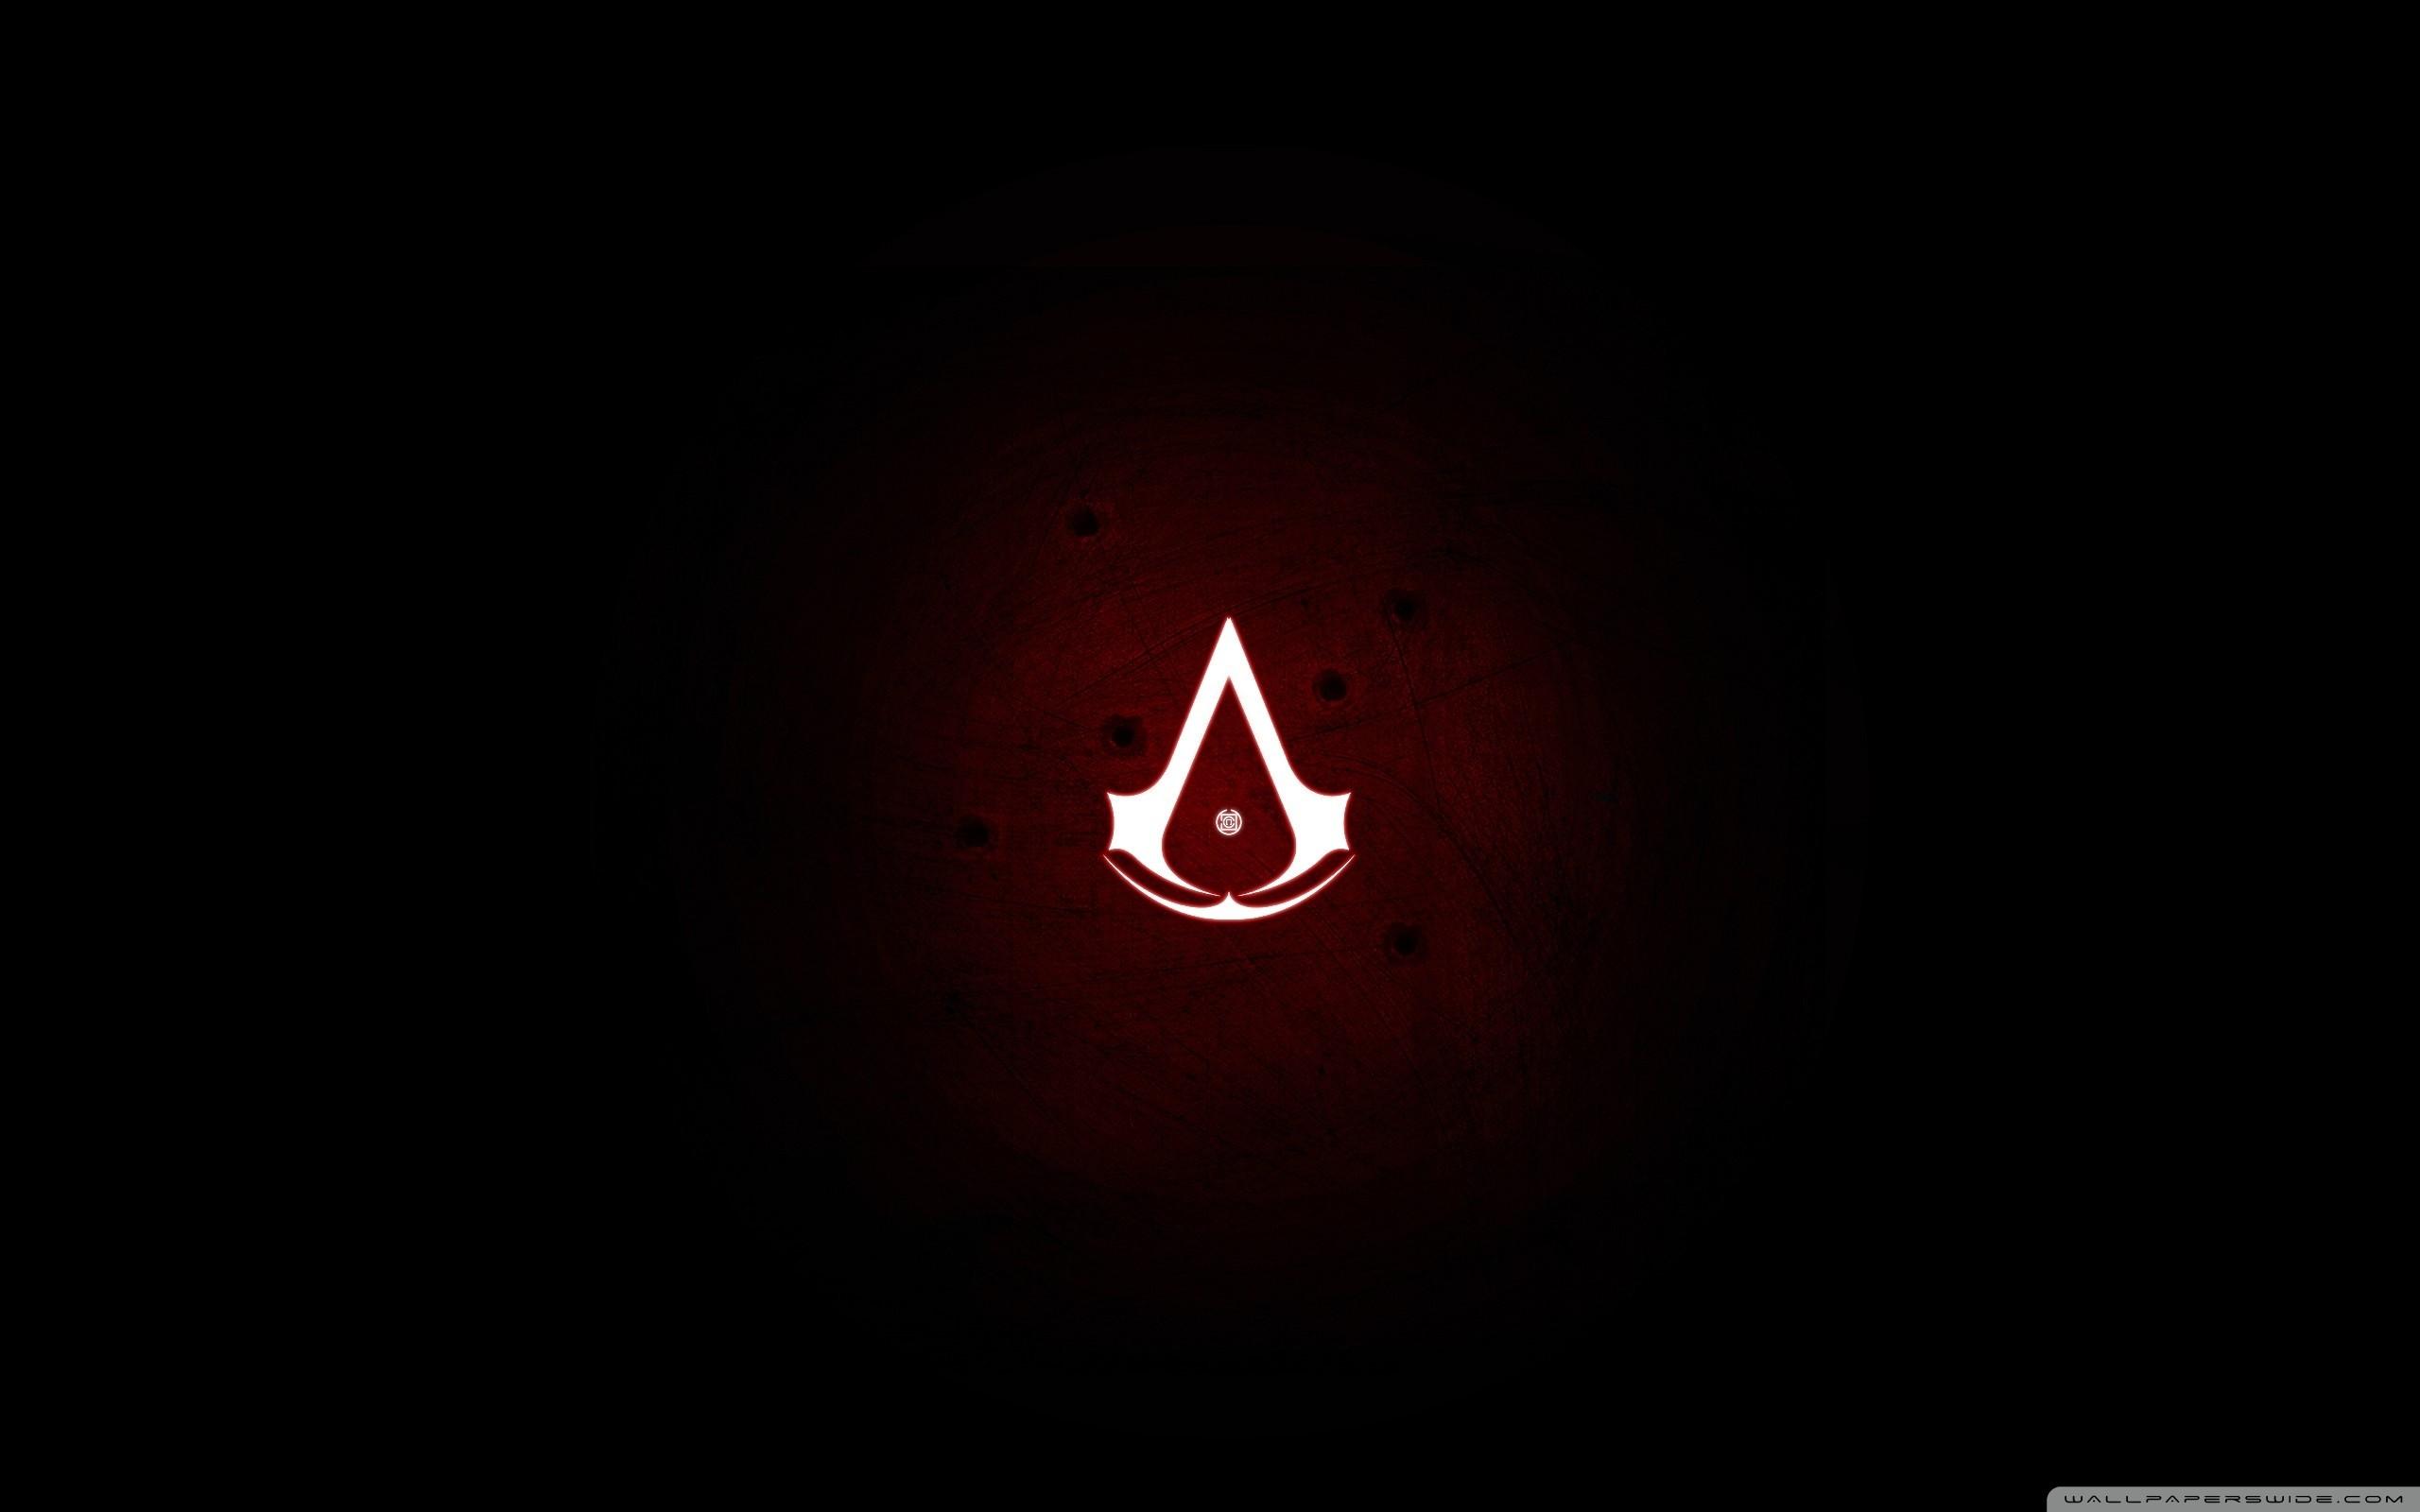 Assassins Creed Symbol Wallpaper Wallpapertag